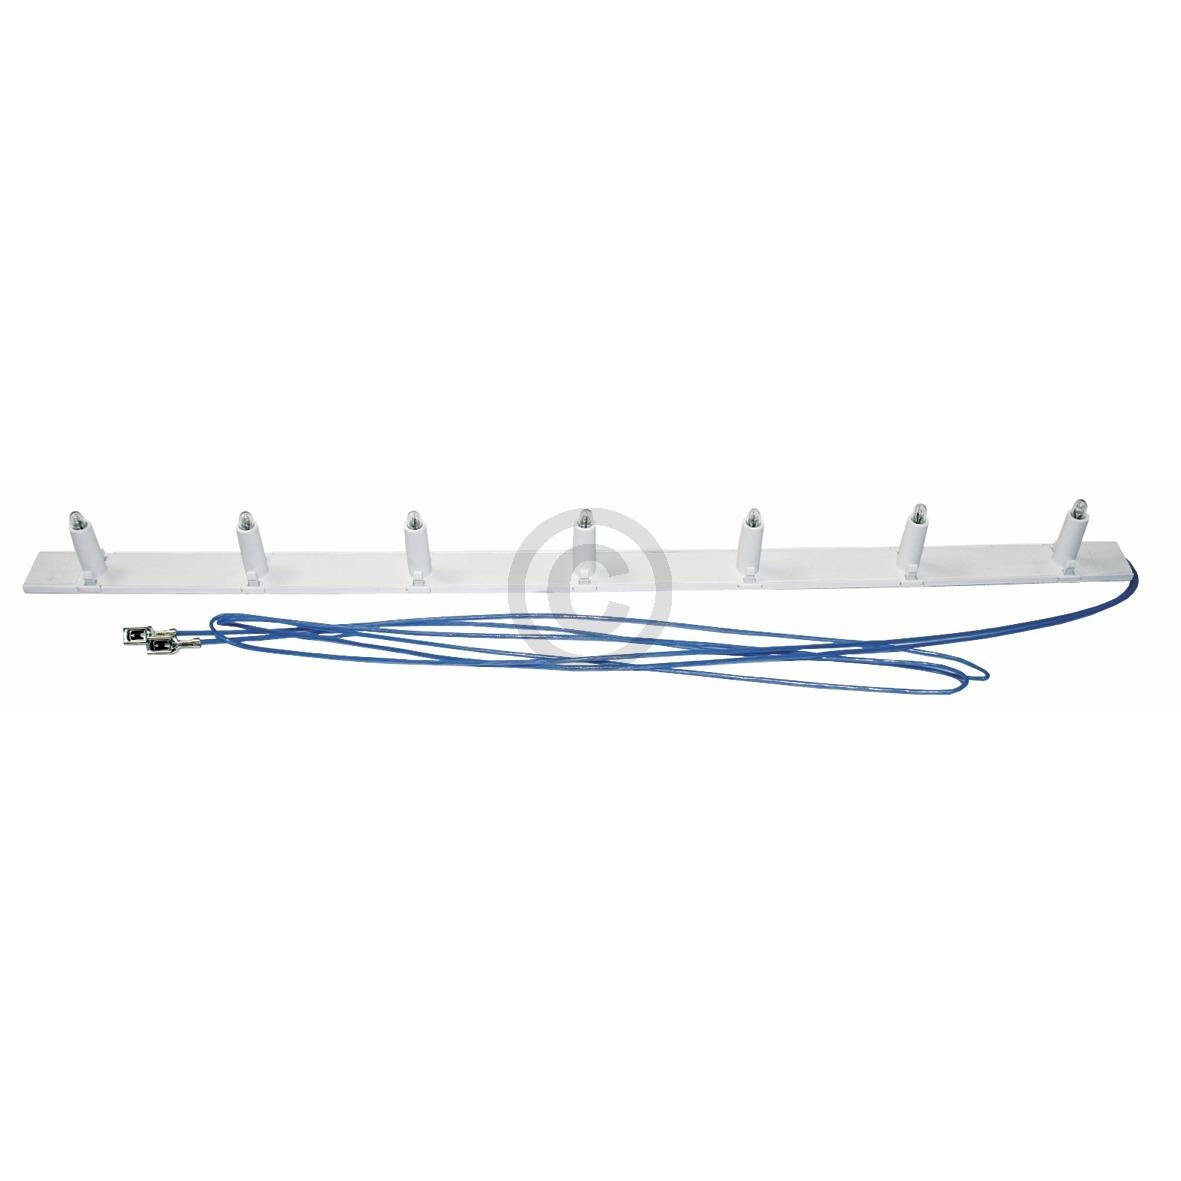 Lampenleiste 7-fach, Universal! 00088602 088602 Bosch, Siemens, Neff